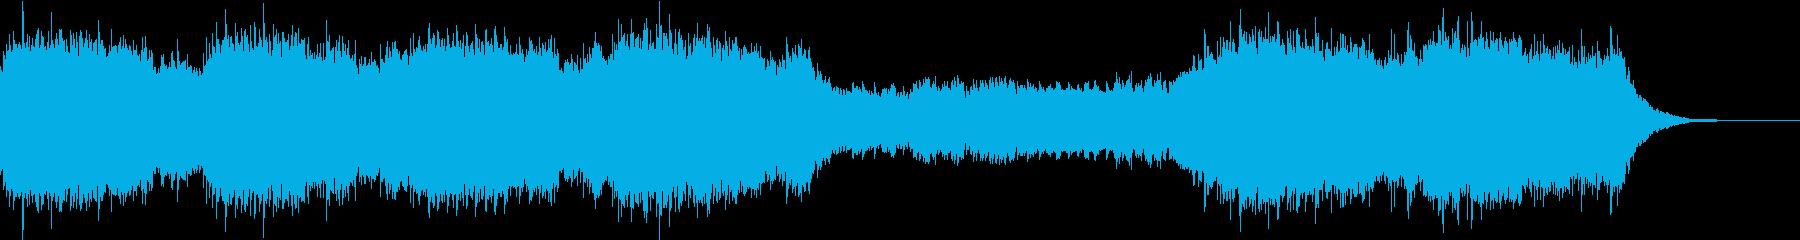 幻想的でオリエンタルなBGMの再生済みの波形